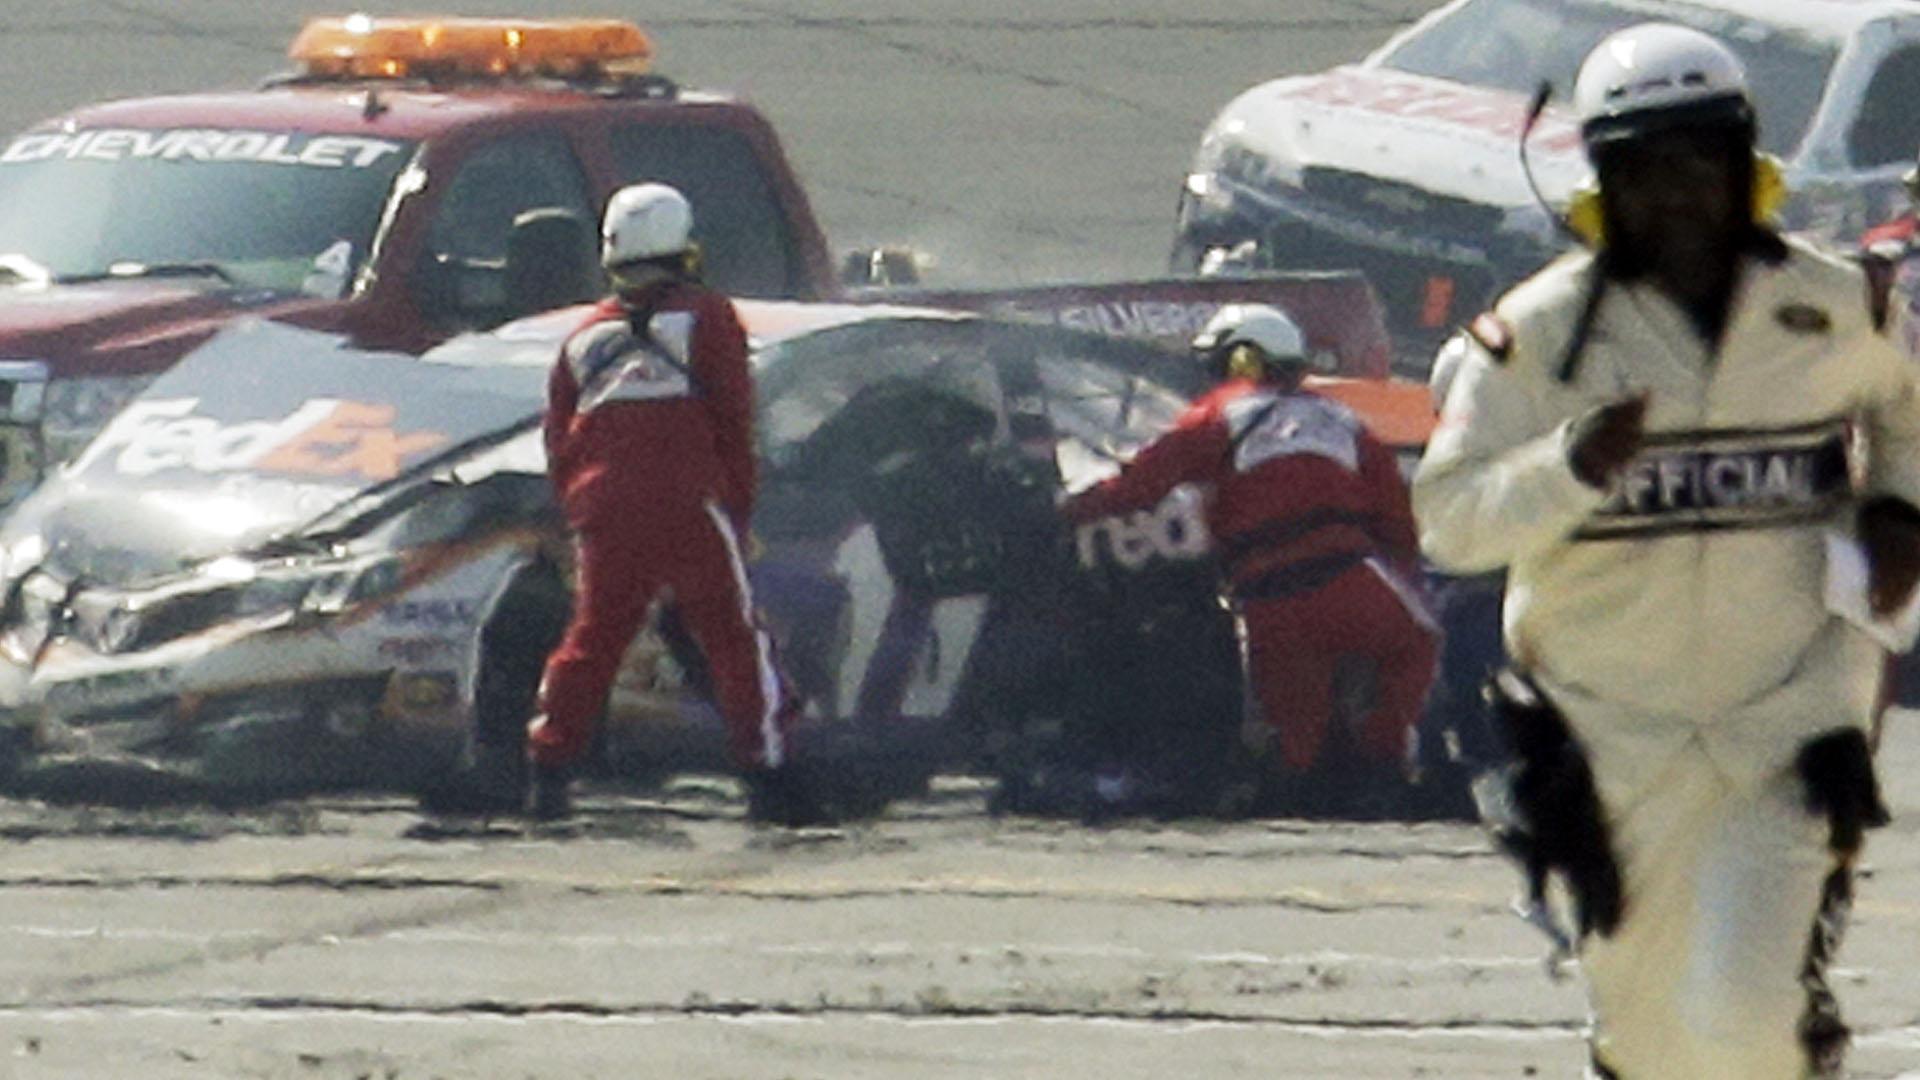 Denny Hamlin crash-020214-AP-FTR.jpg